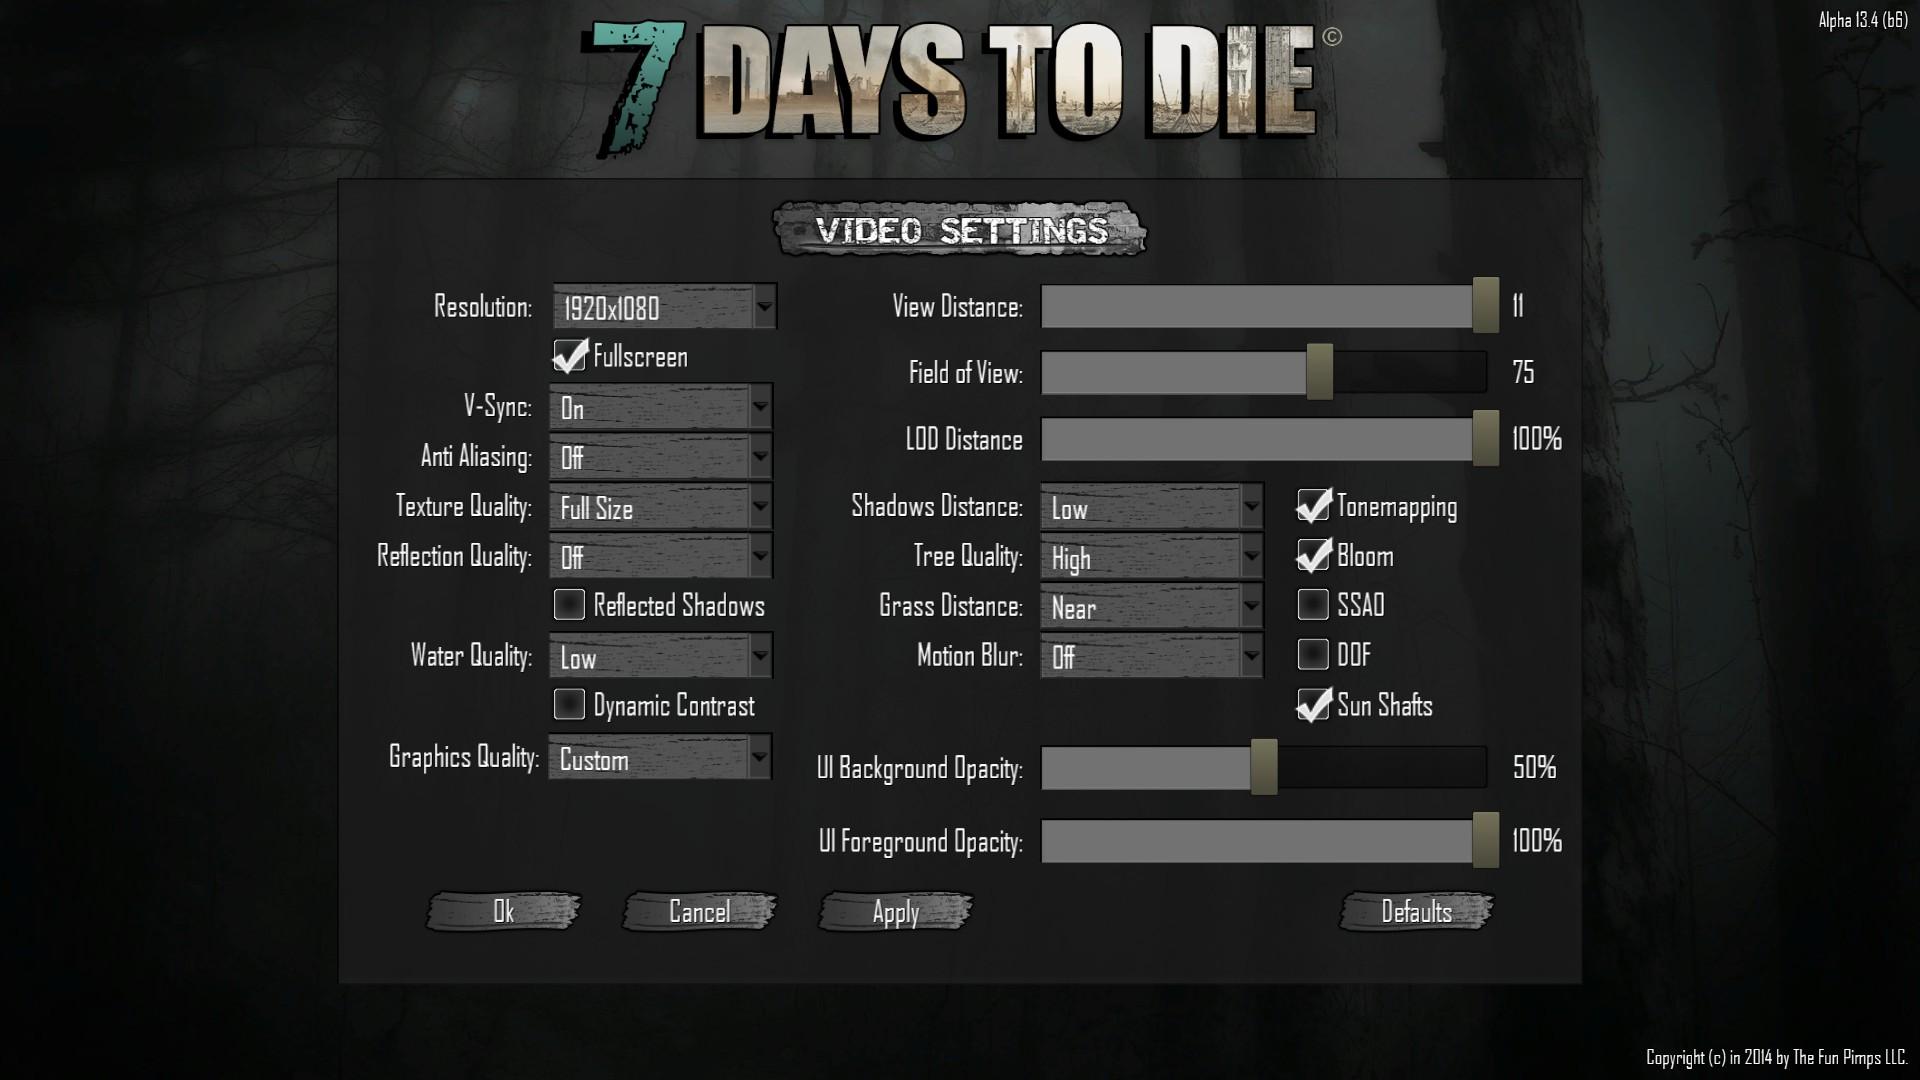 7 days to die fps